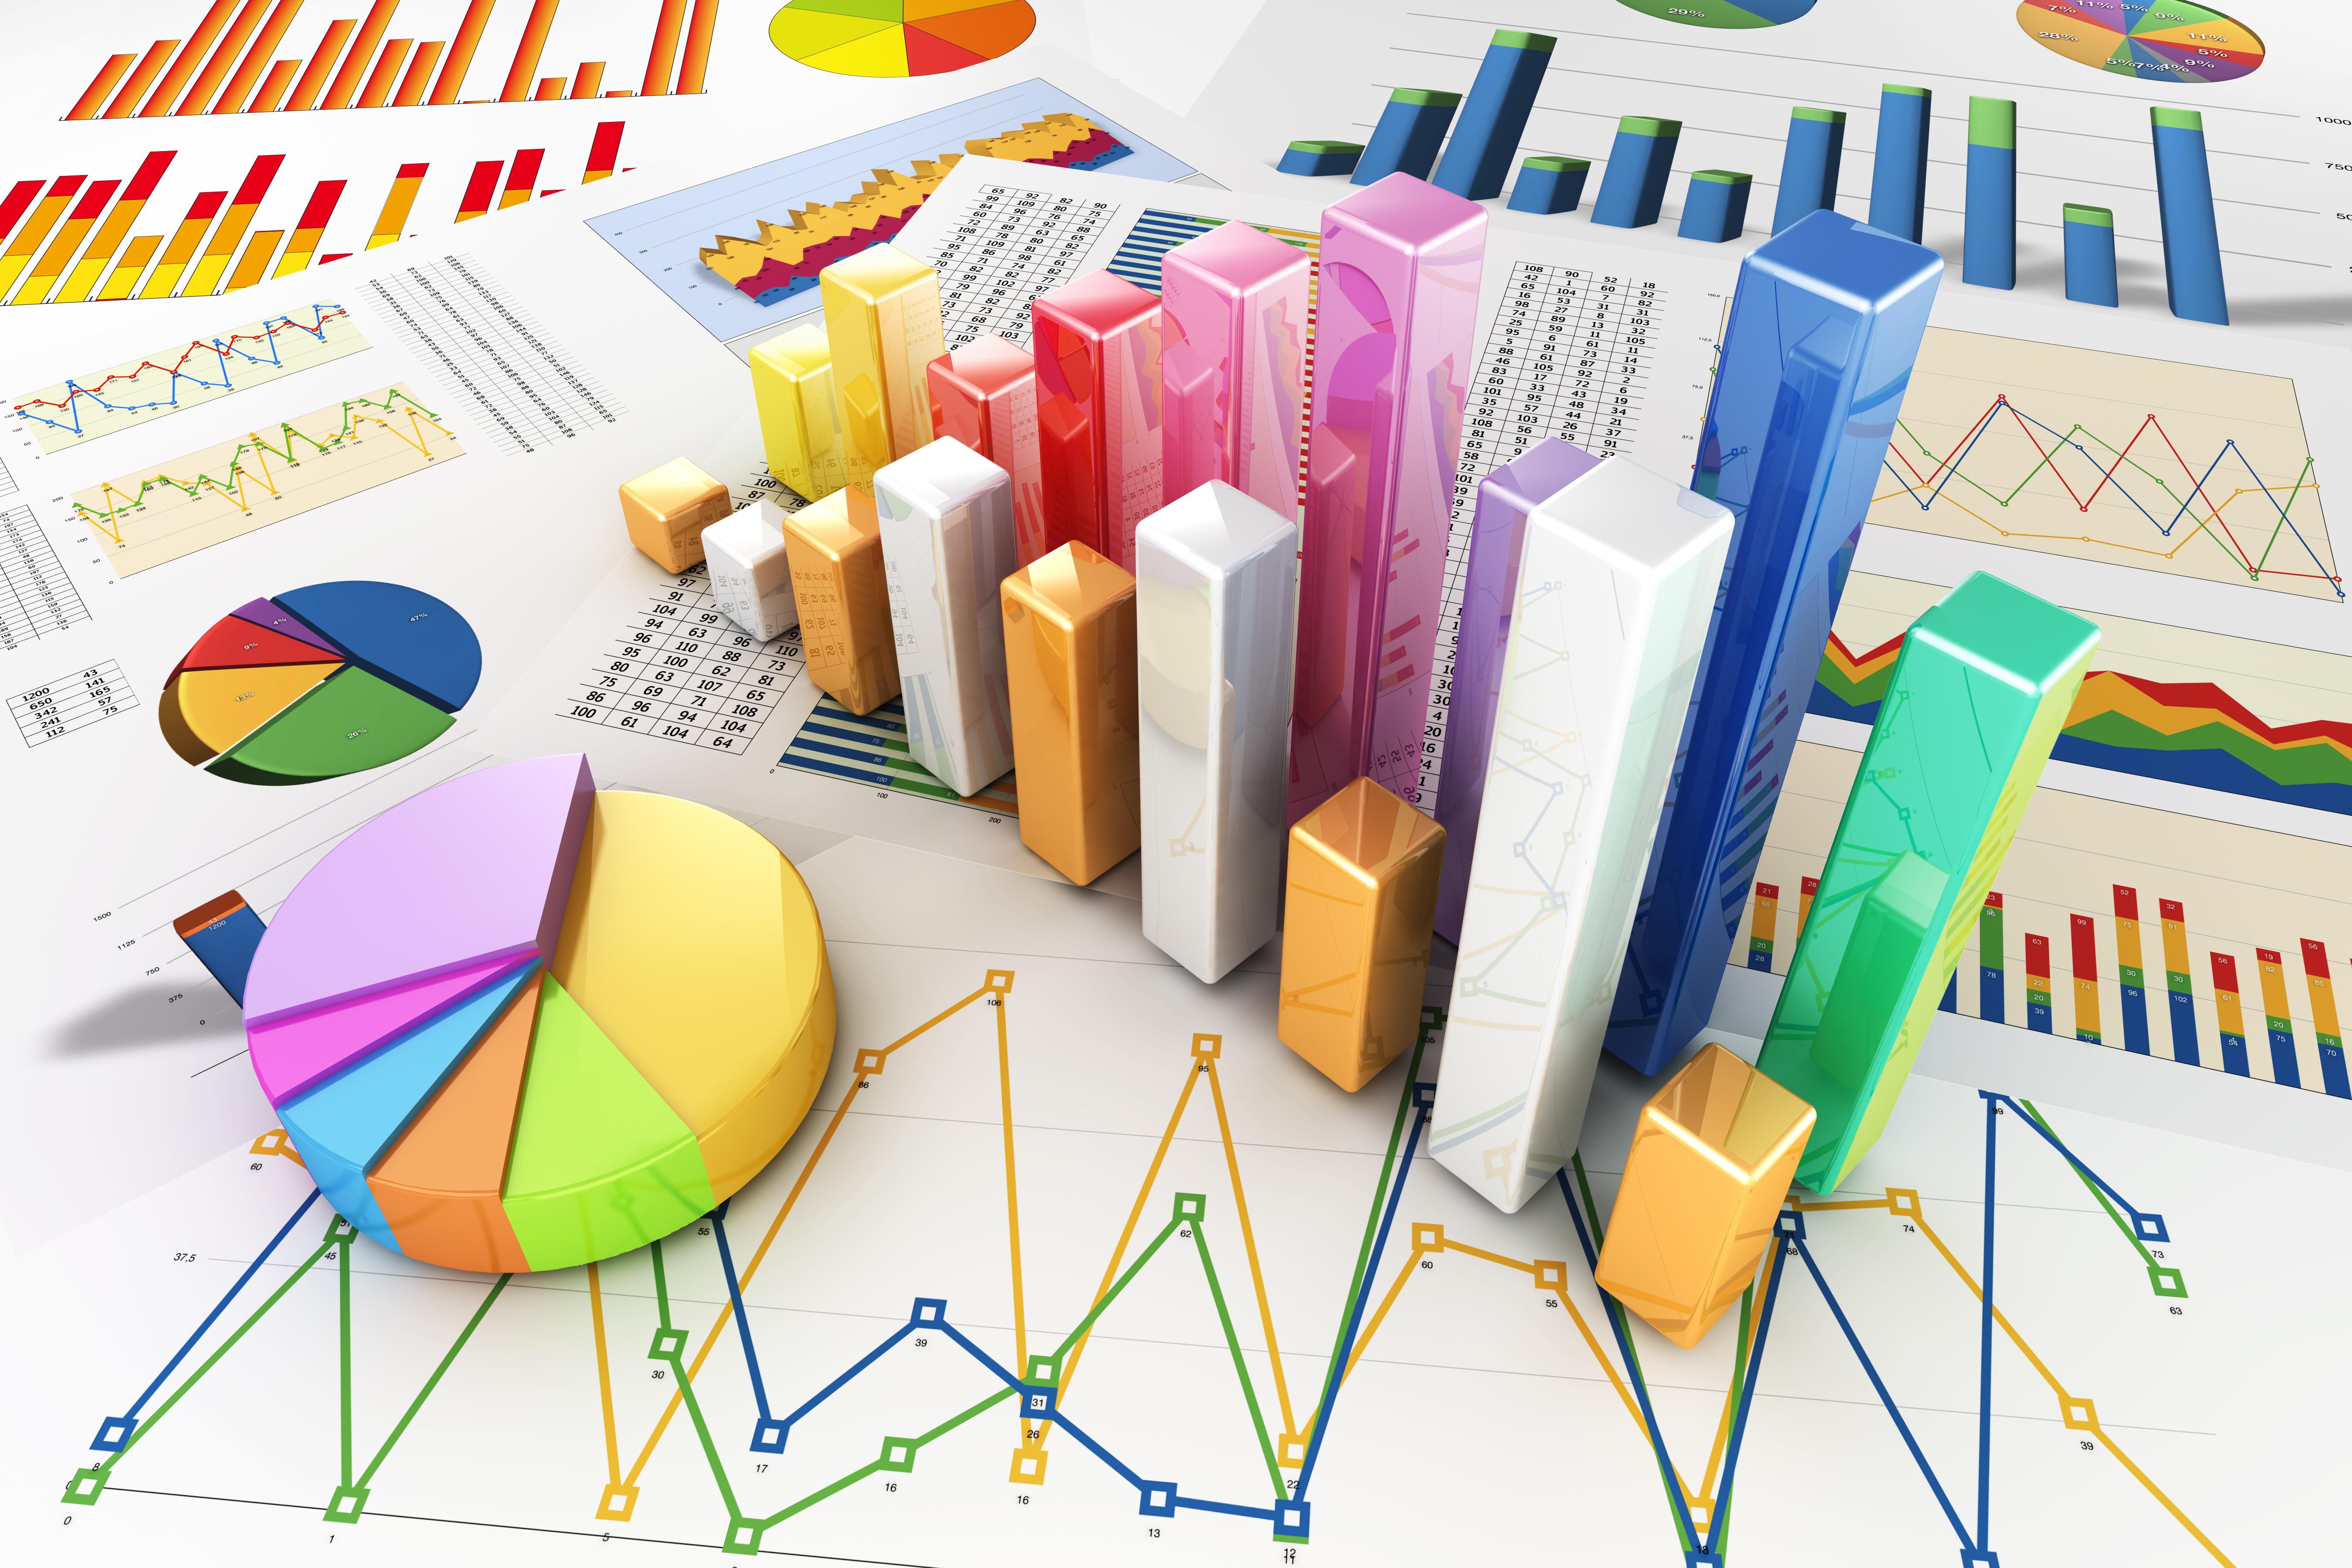 estudio economico: